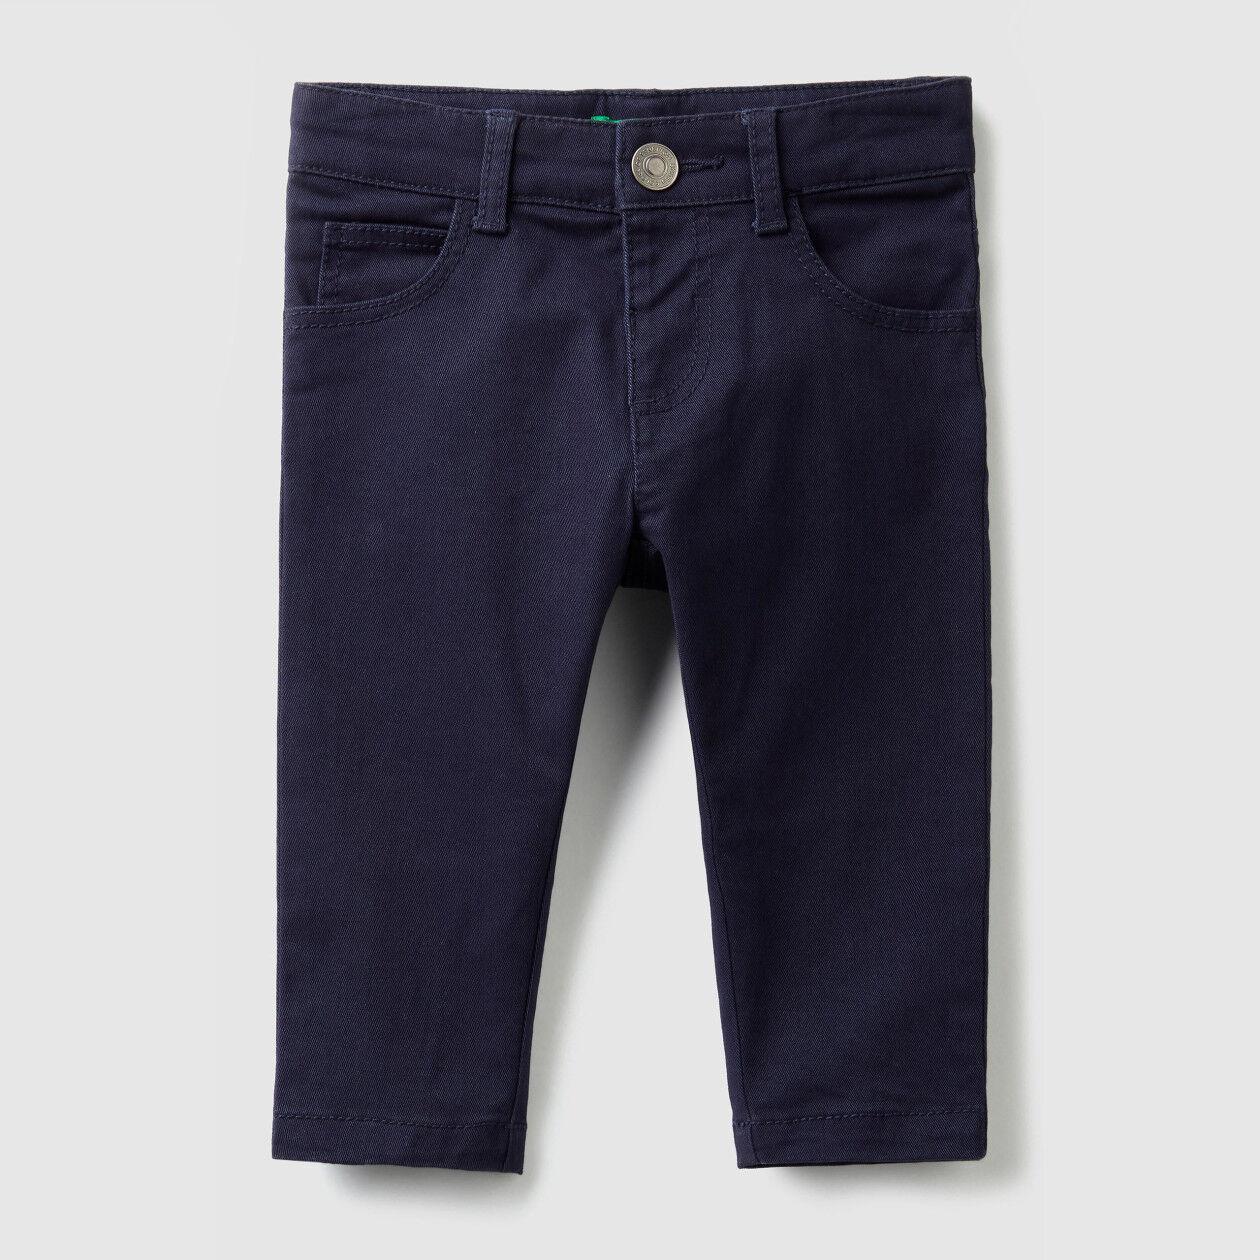 Παντελόνι stretch slim fit